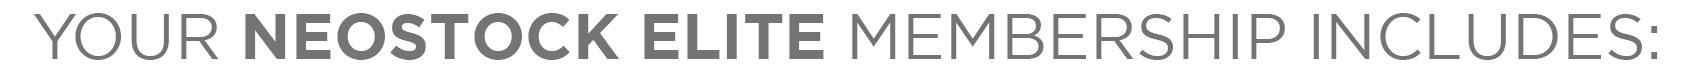 member benefits join neostock elite header